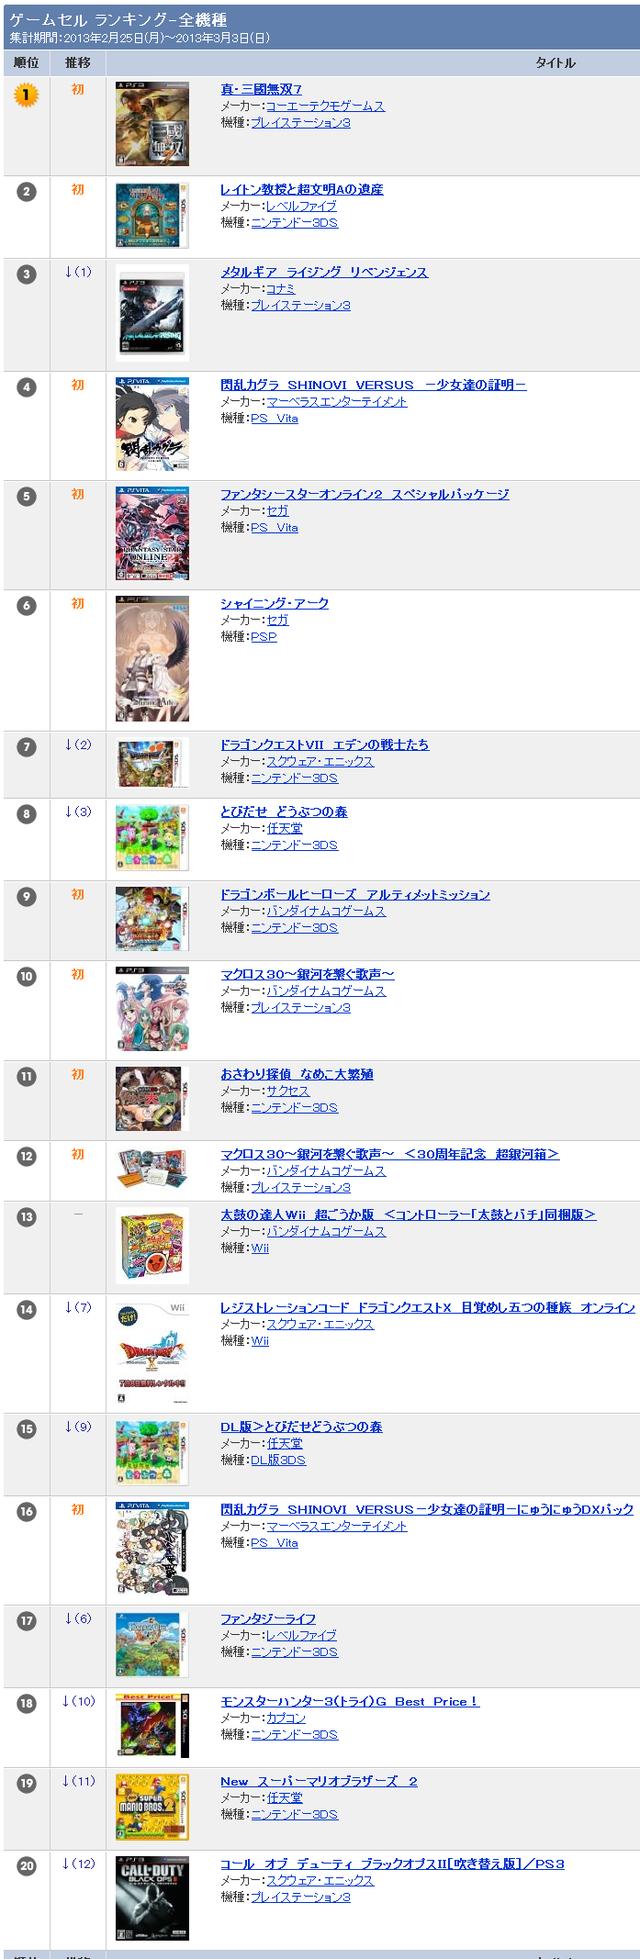 TSUTAYAランキング ゲーム 全機種   TSUTAYA online   ランキング